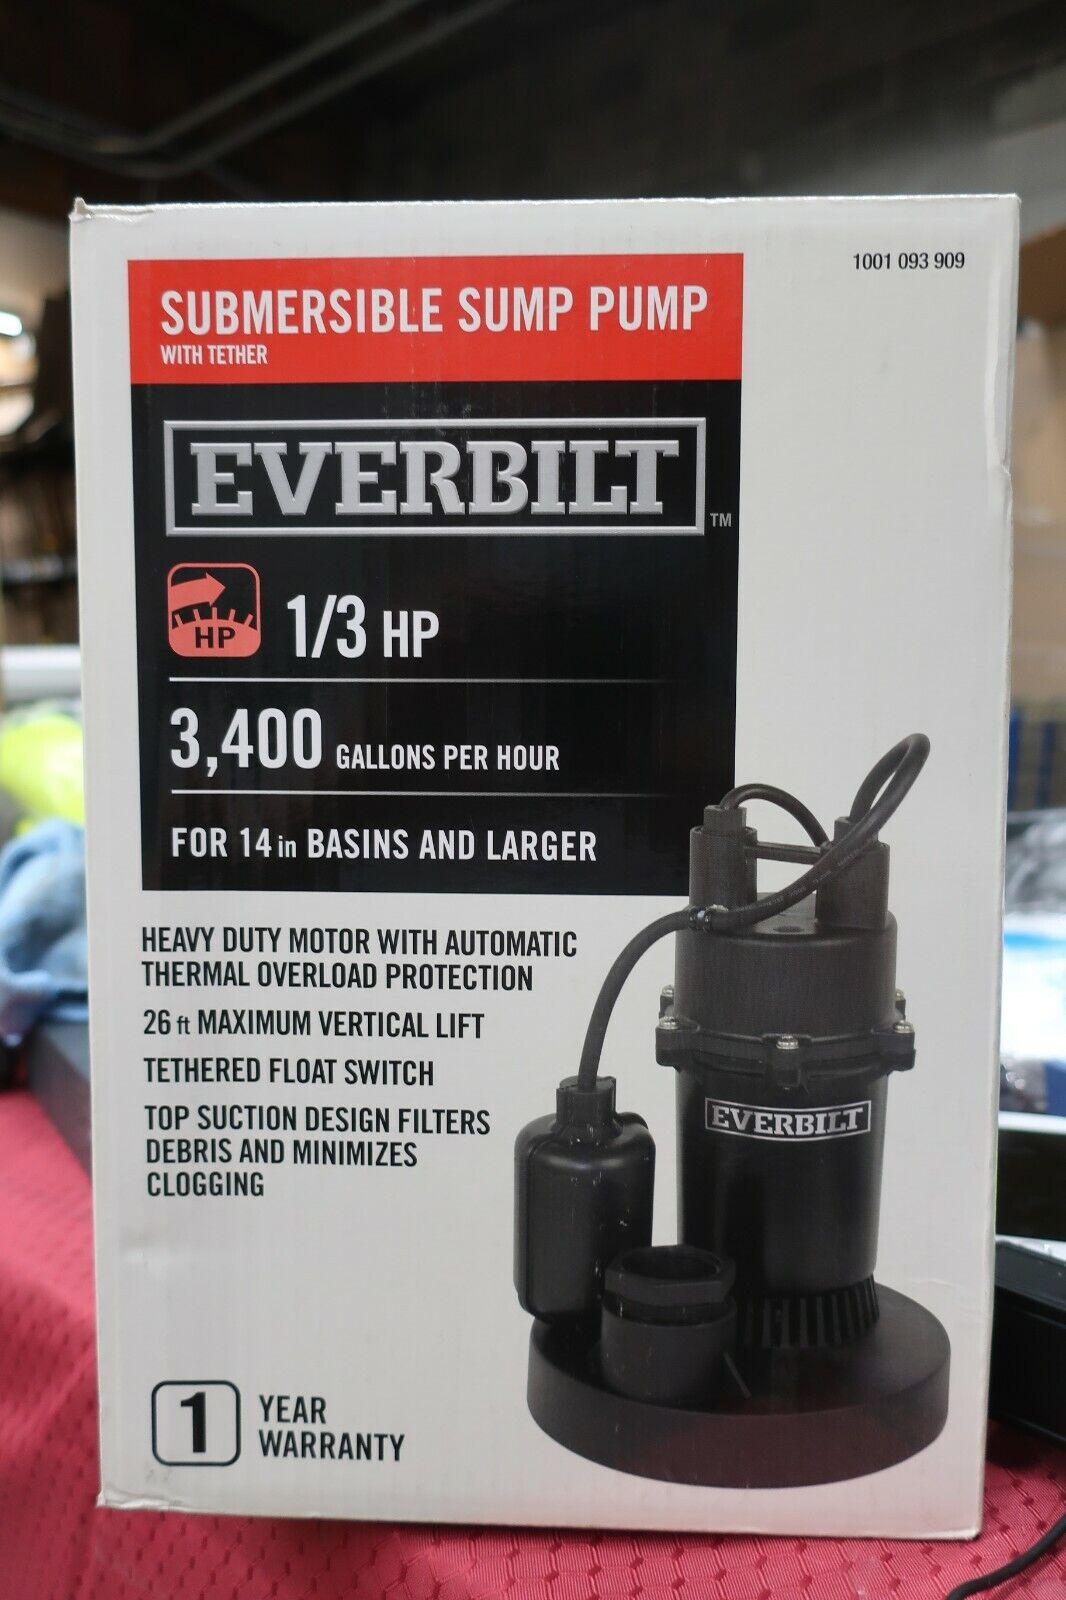 Everbilt SBA050BC Submersible Sump Pump 1/2 HP 3,800 Gallons